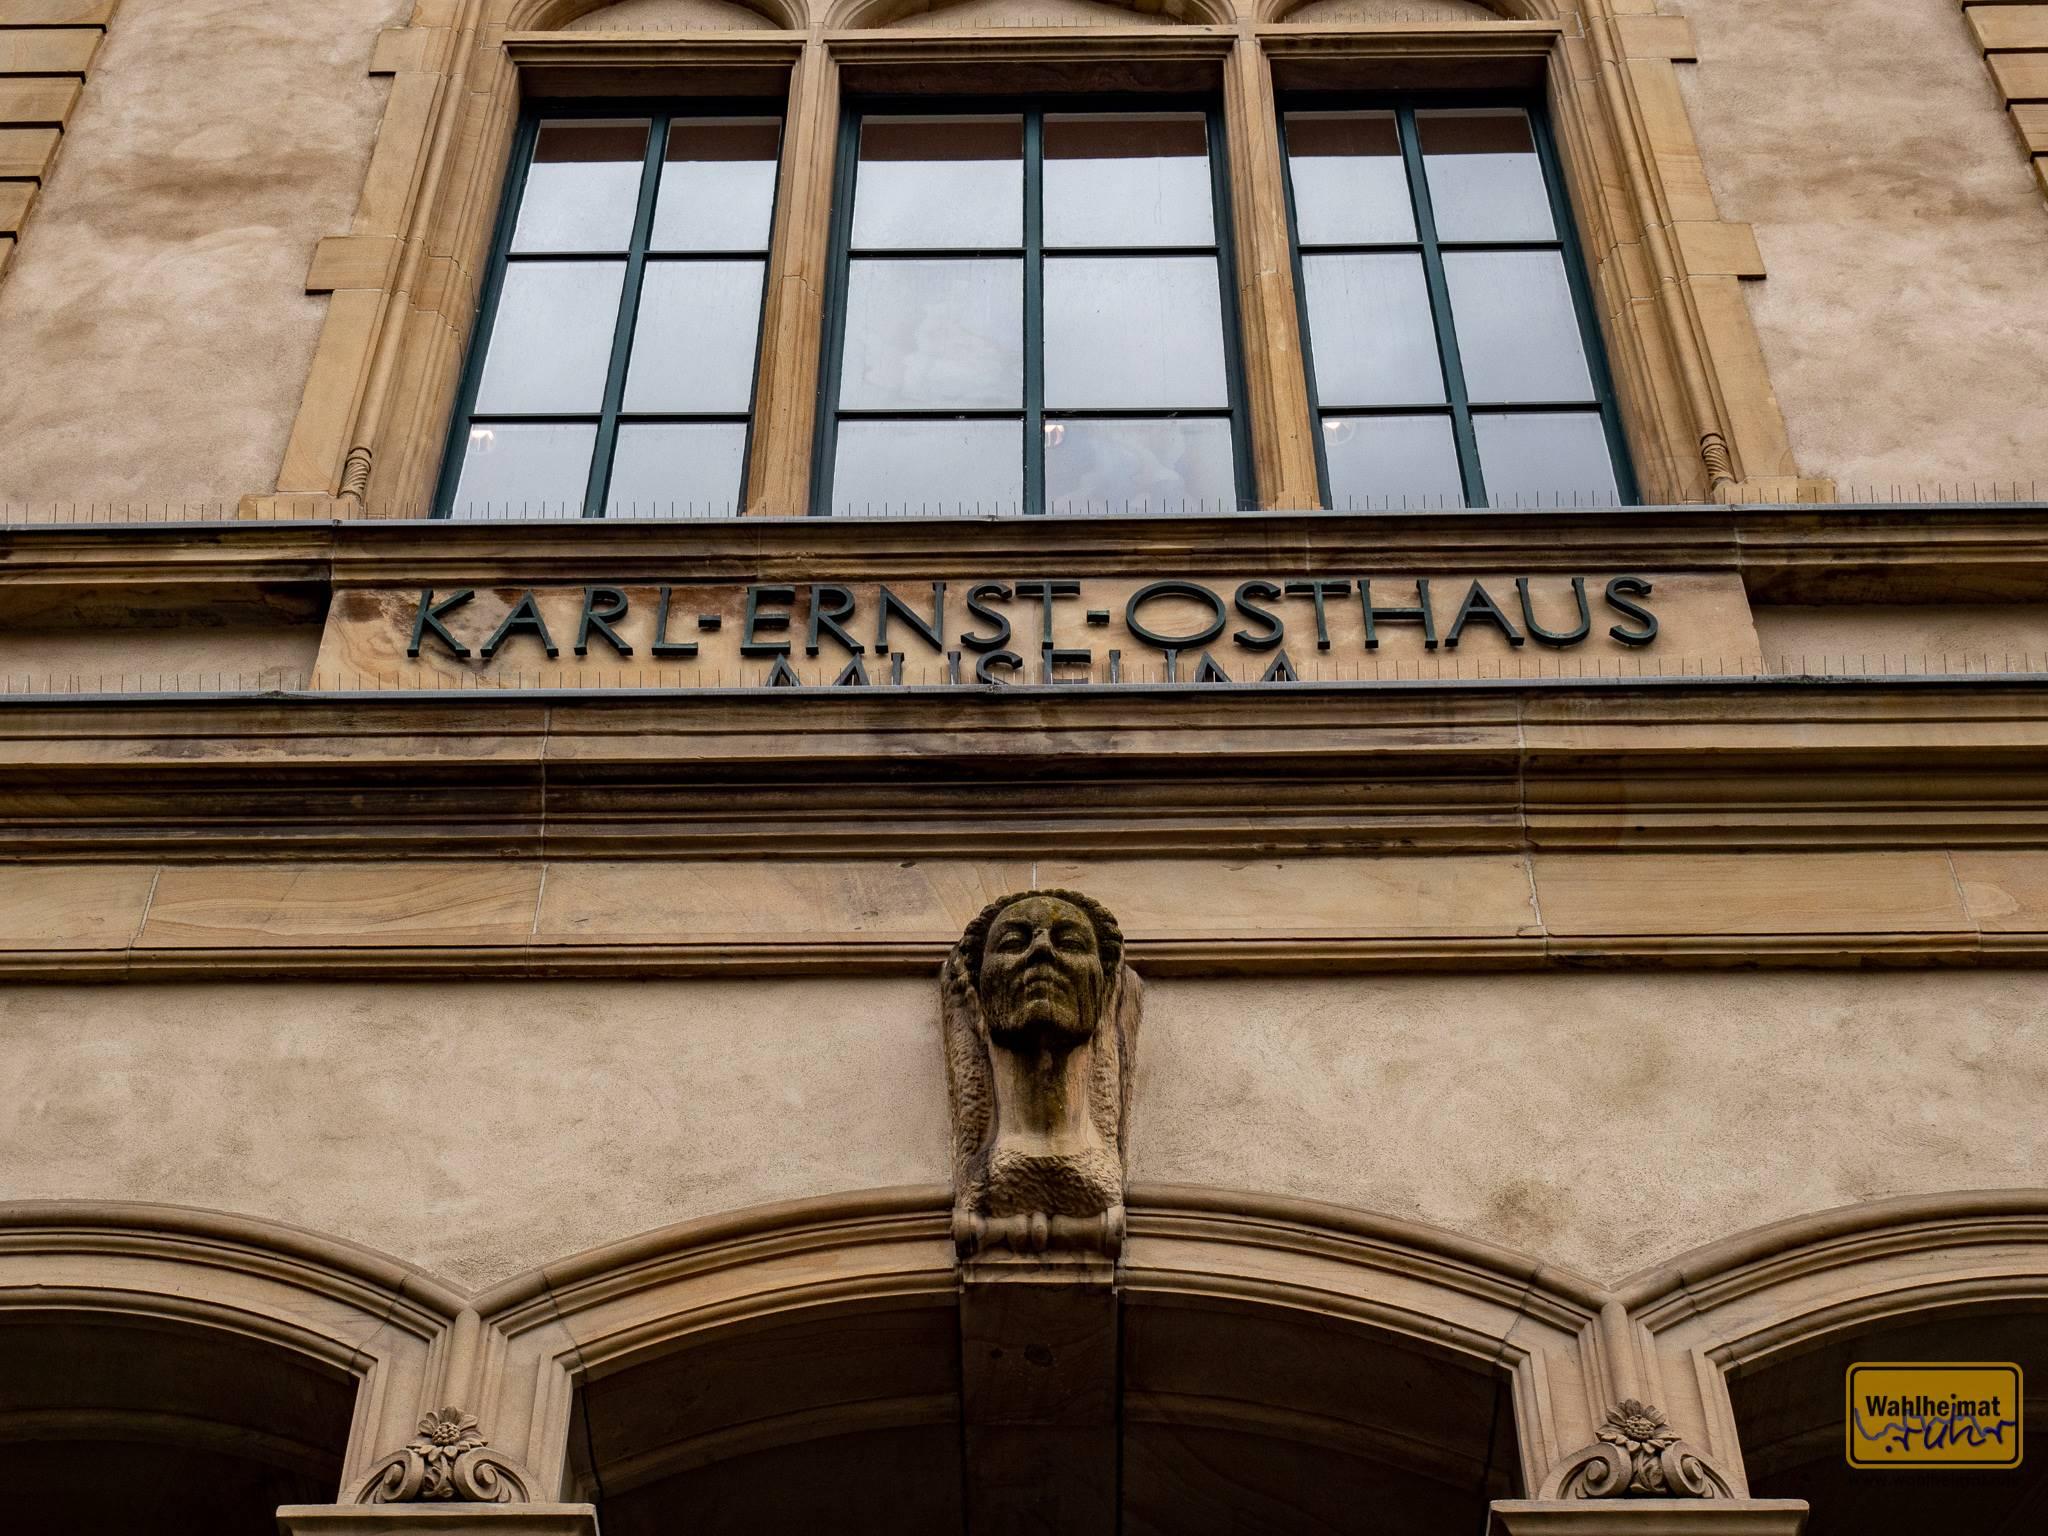 Das Karl-Ernst-Osthaus-Museum in Hagen erinnert nicht nur an den Bauhaus-Vertreter, sondern war auch Stand- und Gründungsort für das Folkwang-Museum, dass später nach Essen zog.